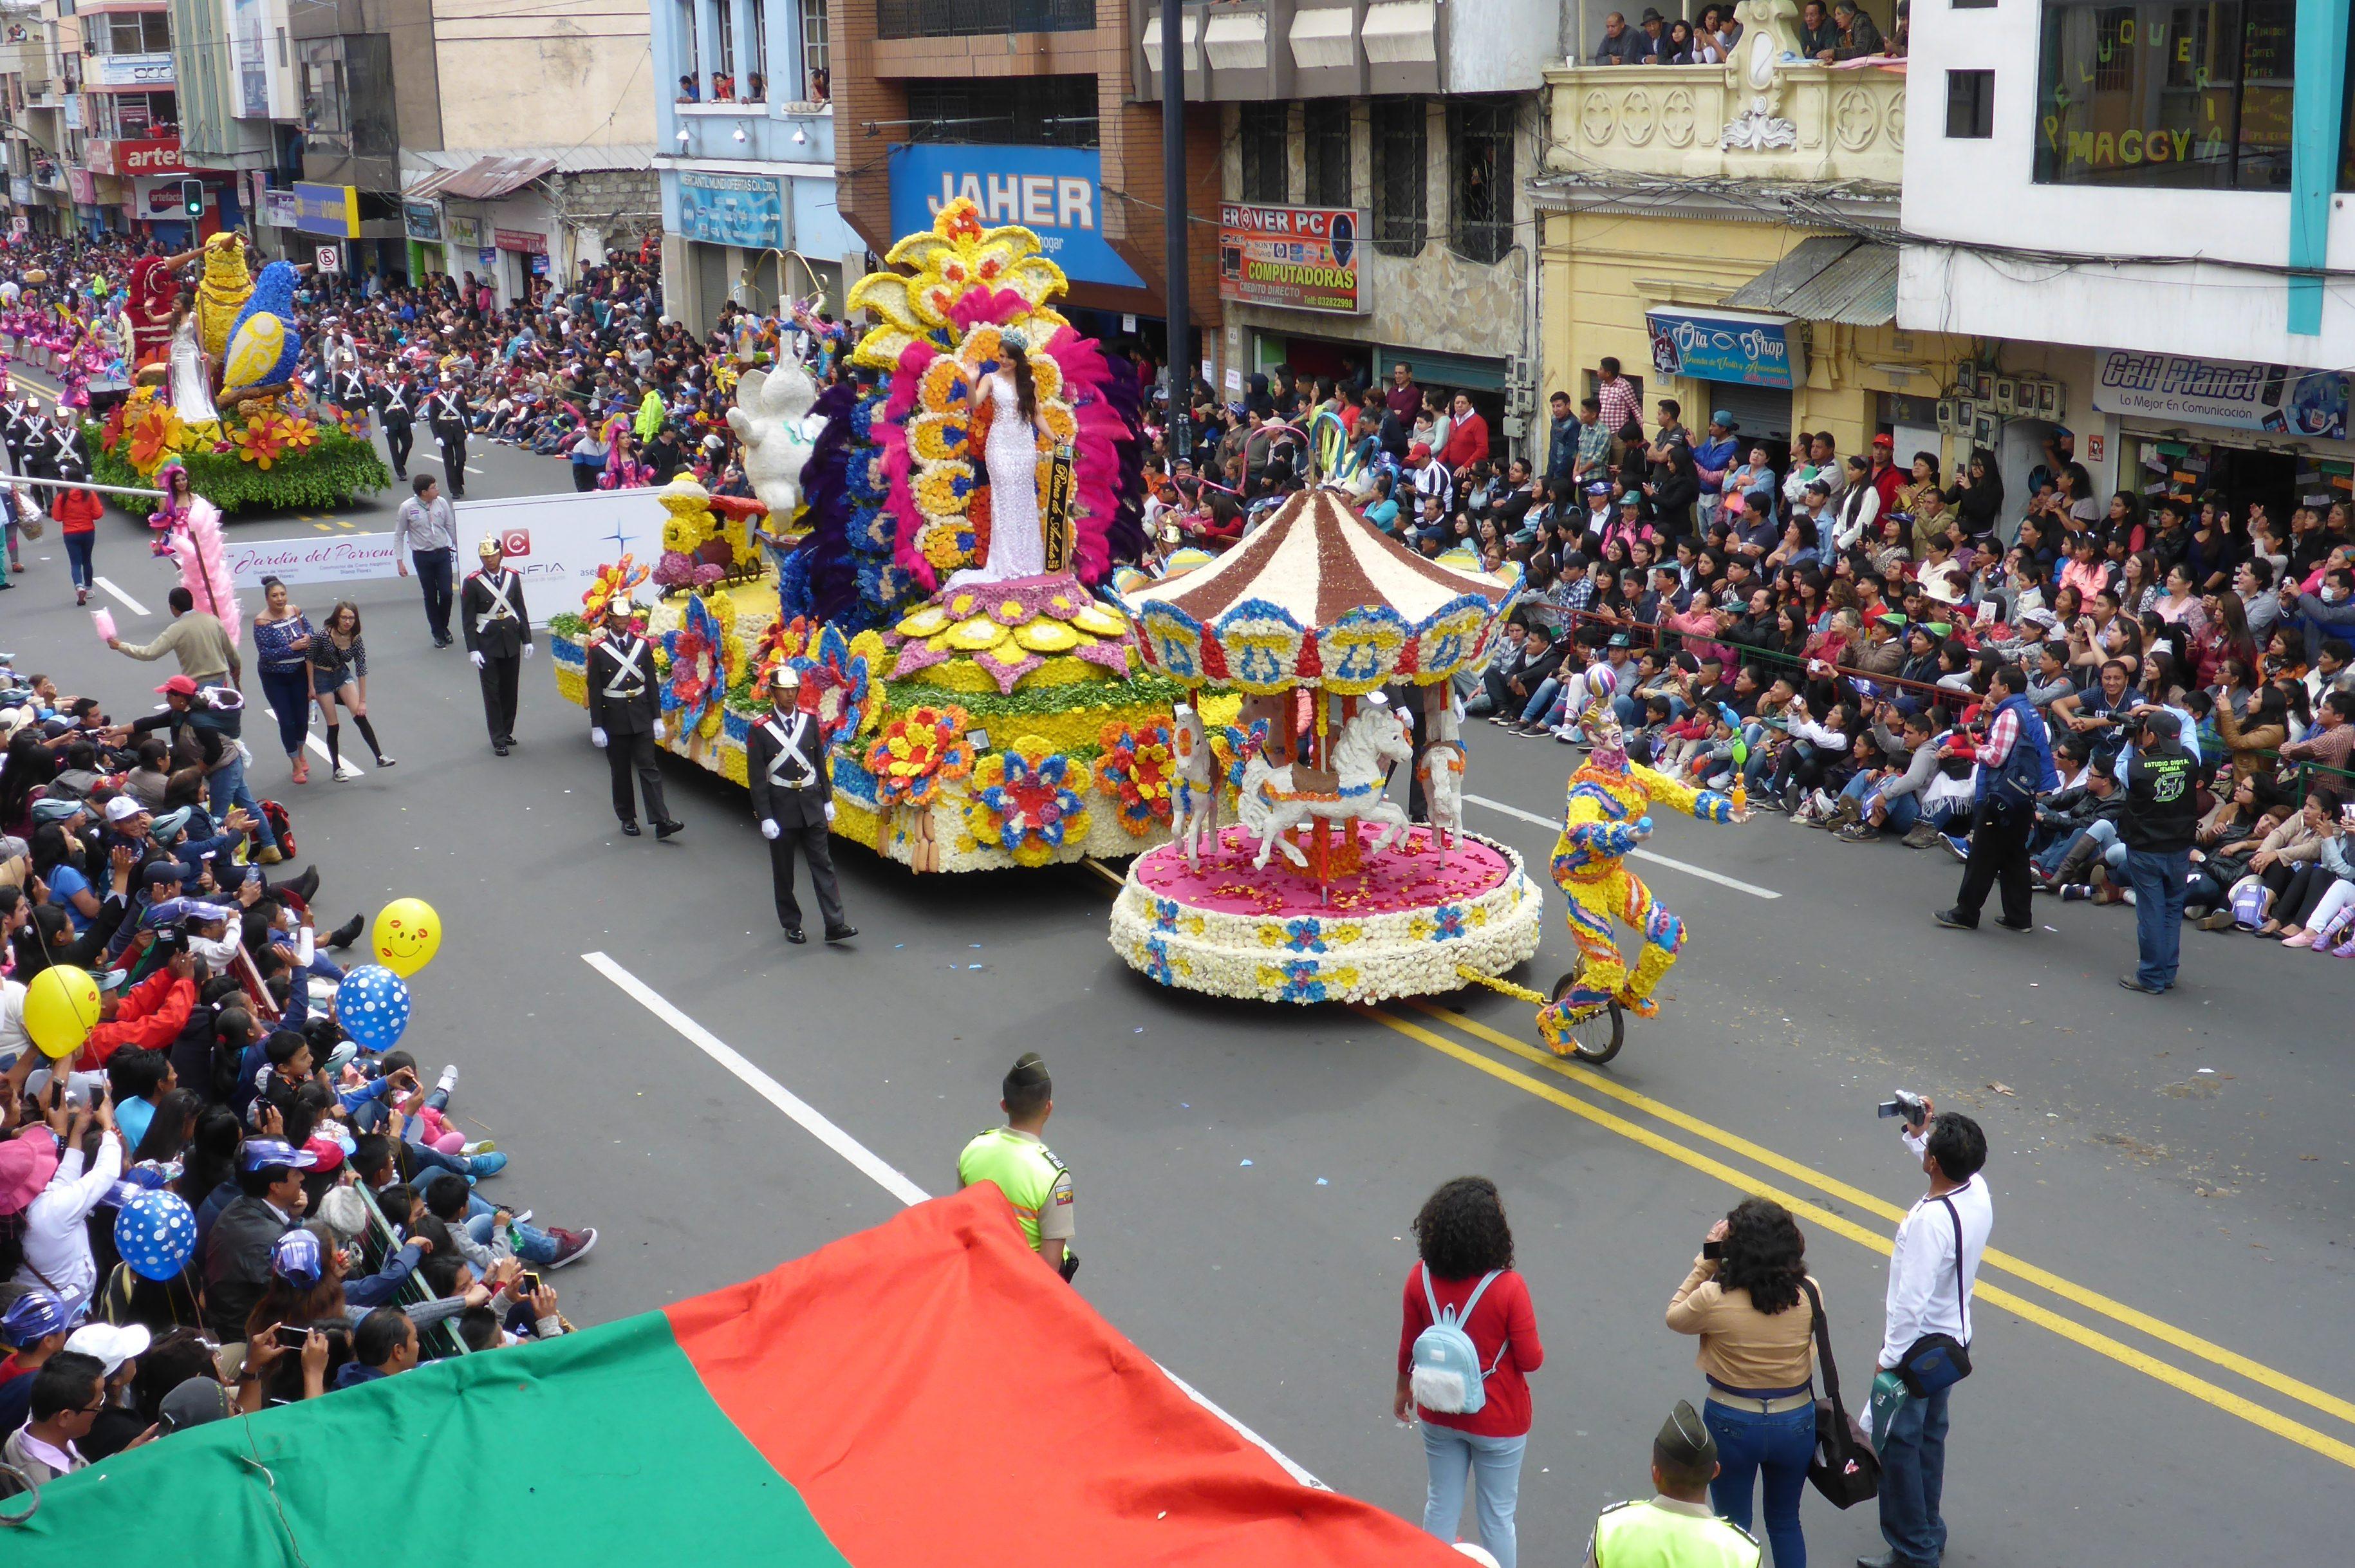 Der Gipfel der Schulzeit: als Gast in Ecuador